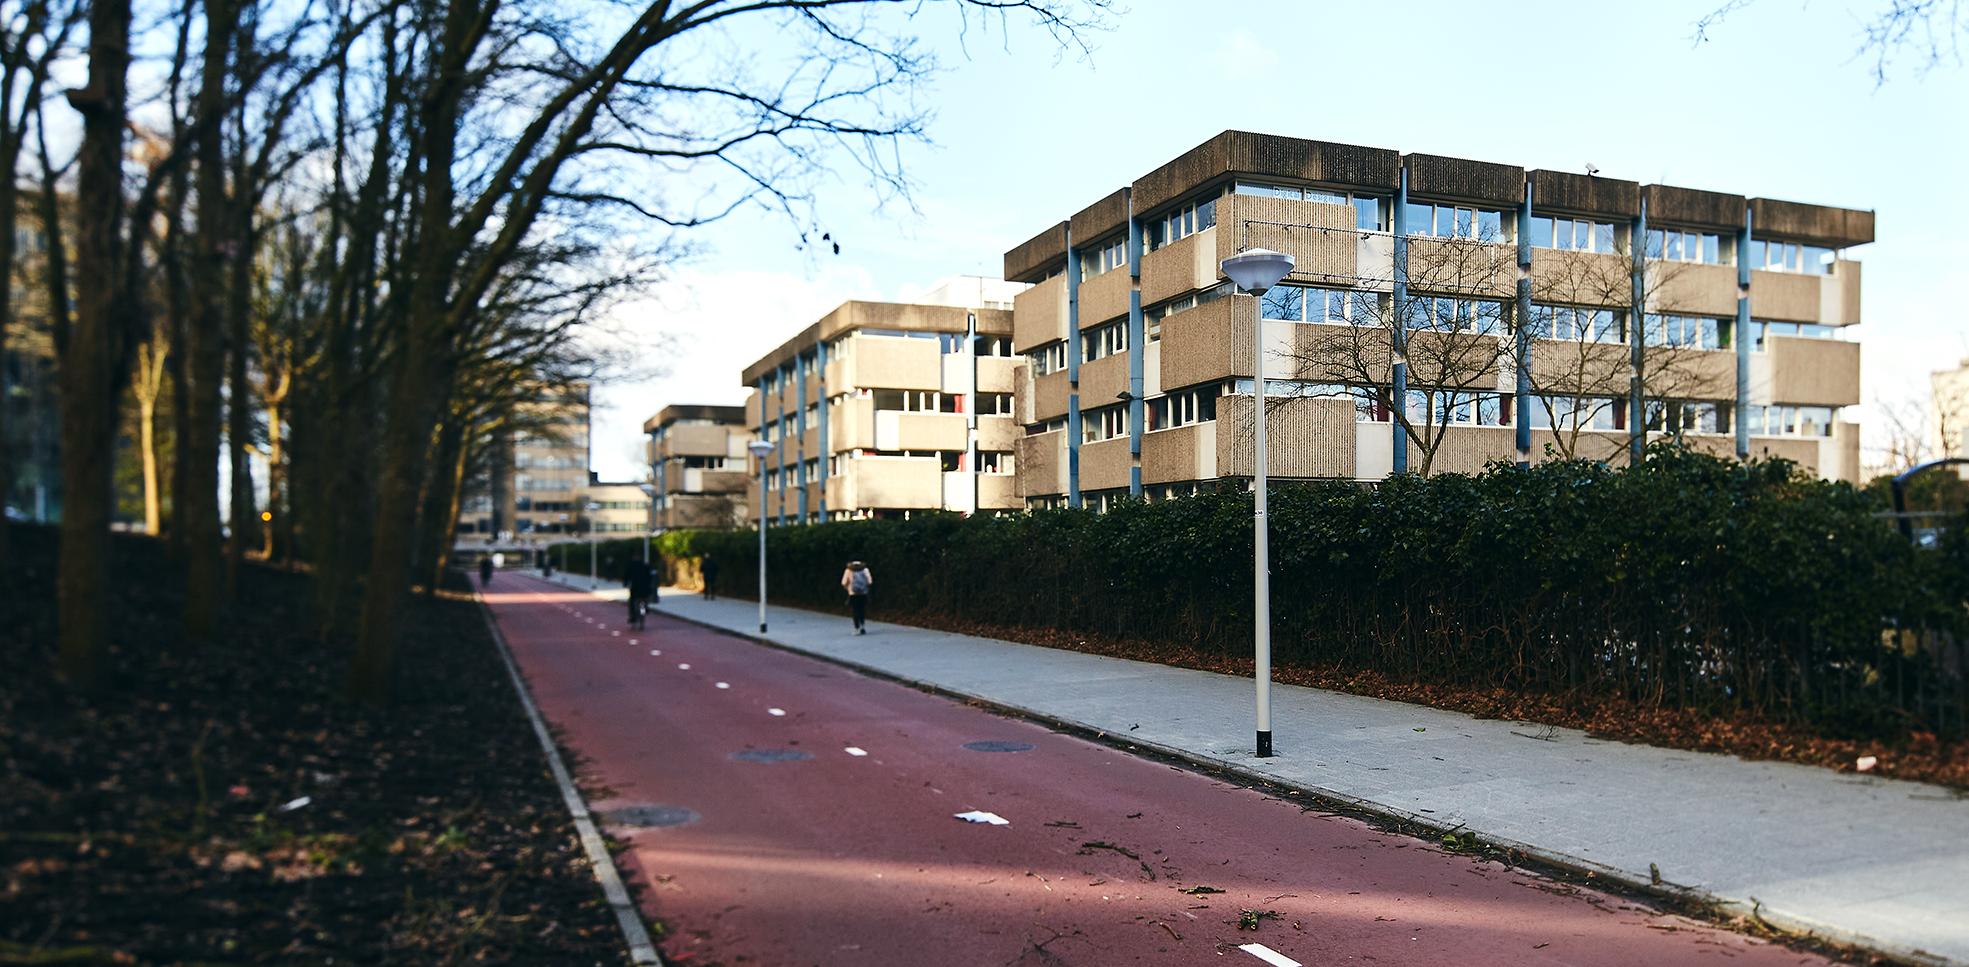 Prinses Irenestraat 59- M. Hofmans feb. 2020 LR